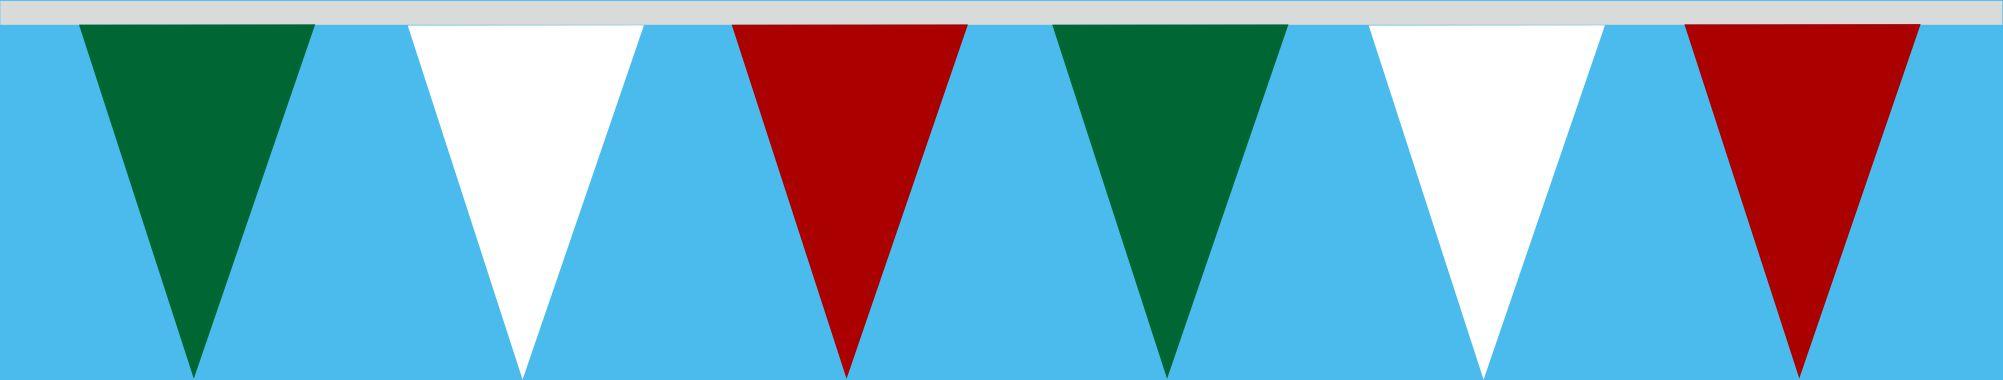 Wimpelkette grün-weiss-rot 20x30